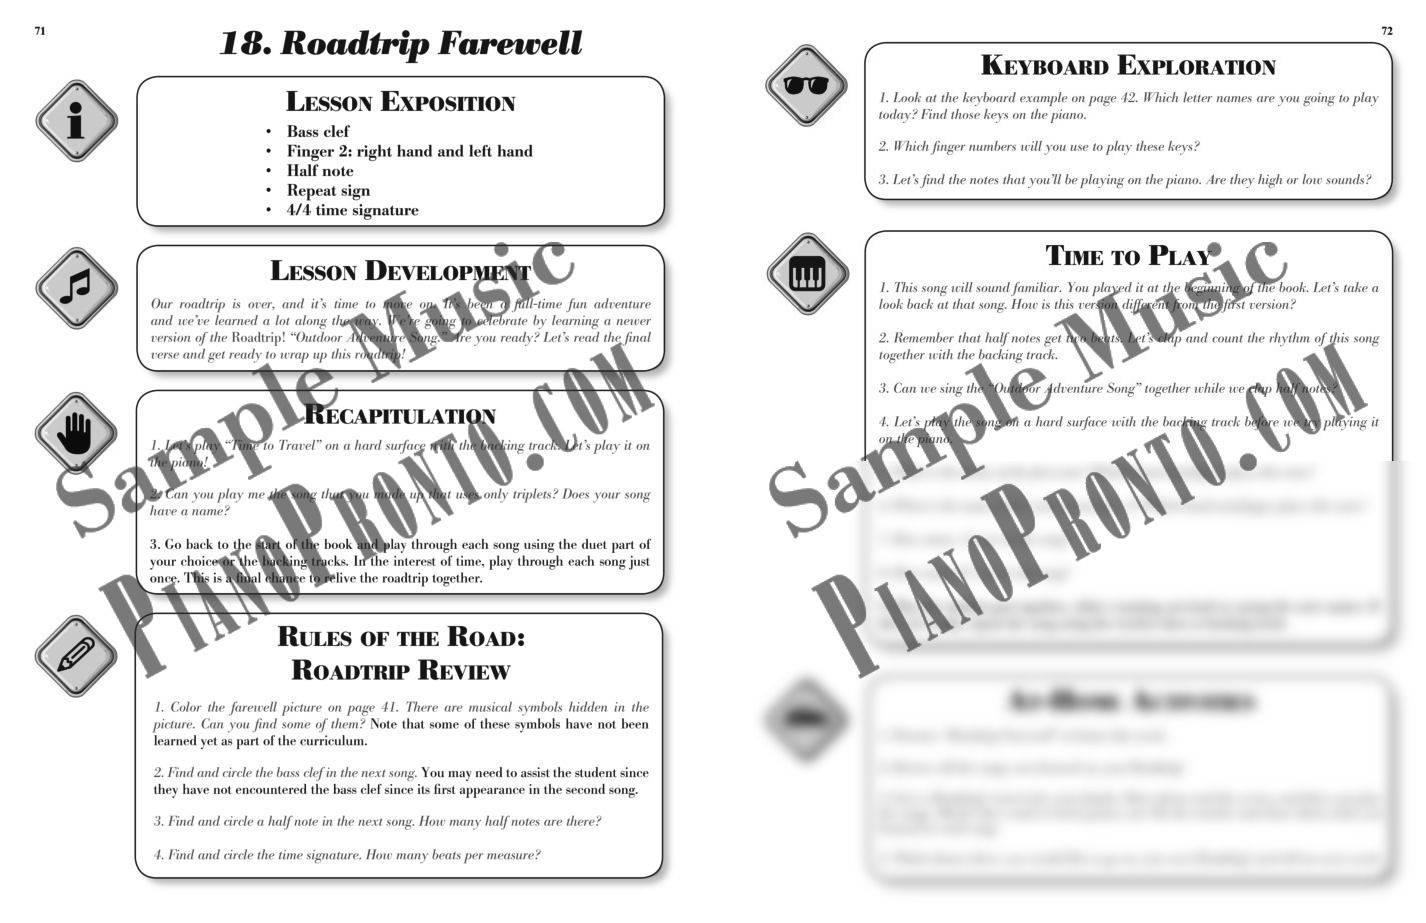 Roadtrip!® Outdoor Adventure Teacher Guidebook & Duets